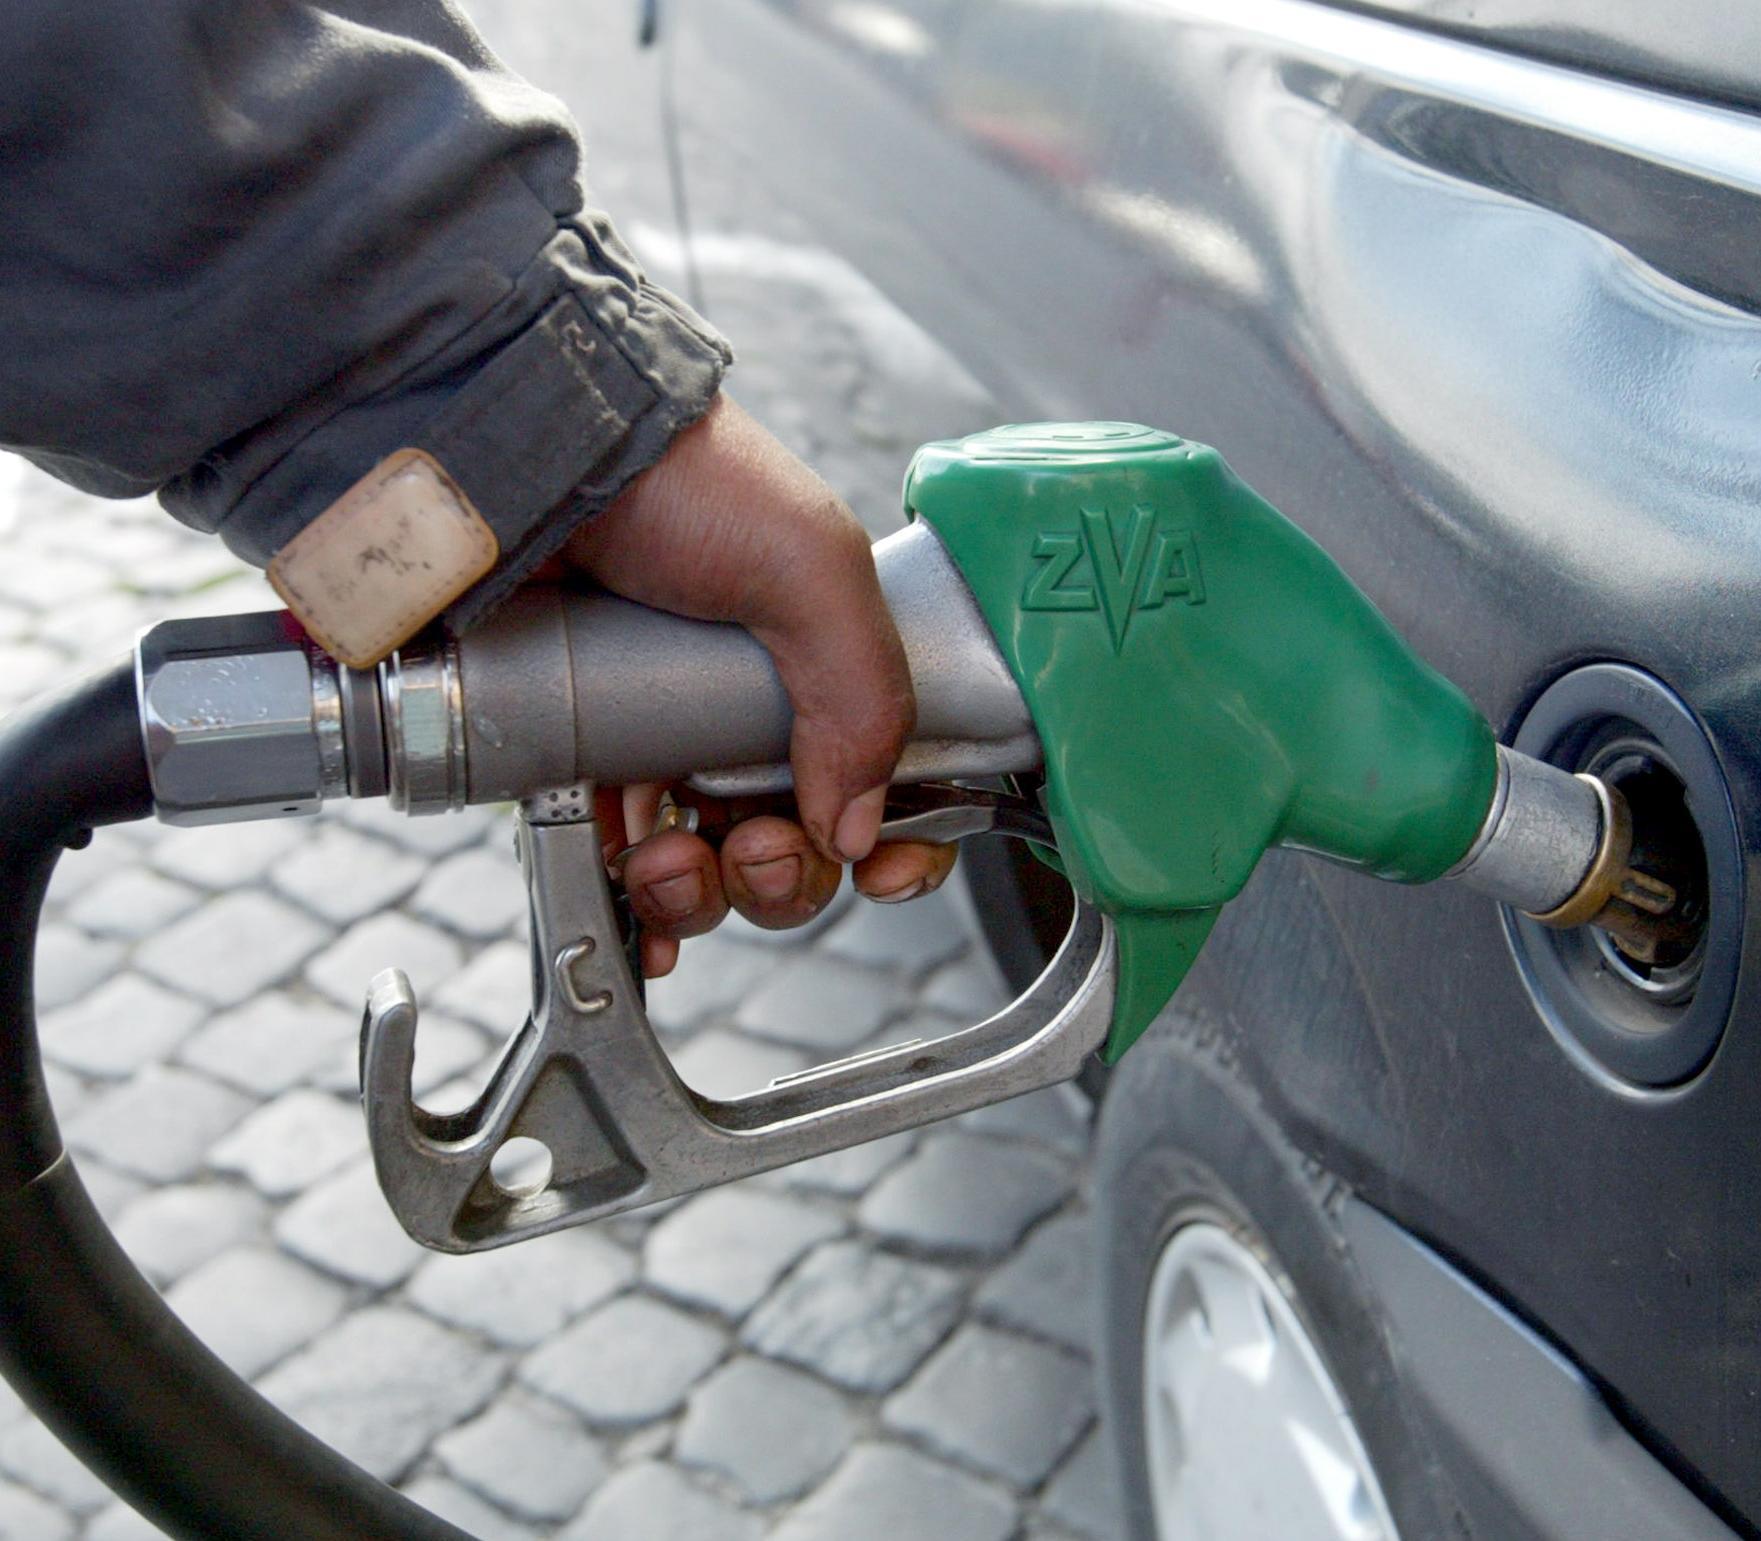 Rientro amaro, in autostrada benzina a quota 1,98